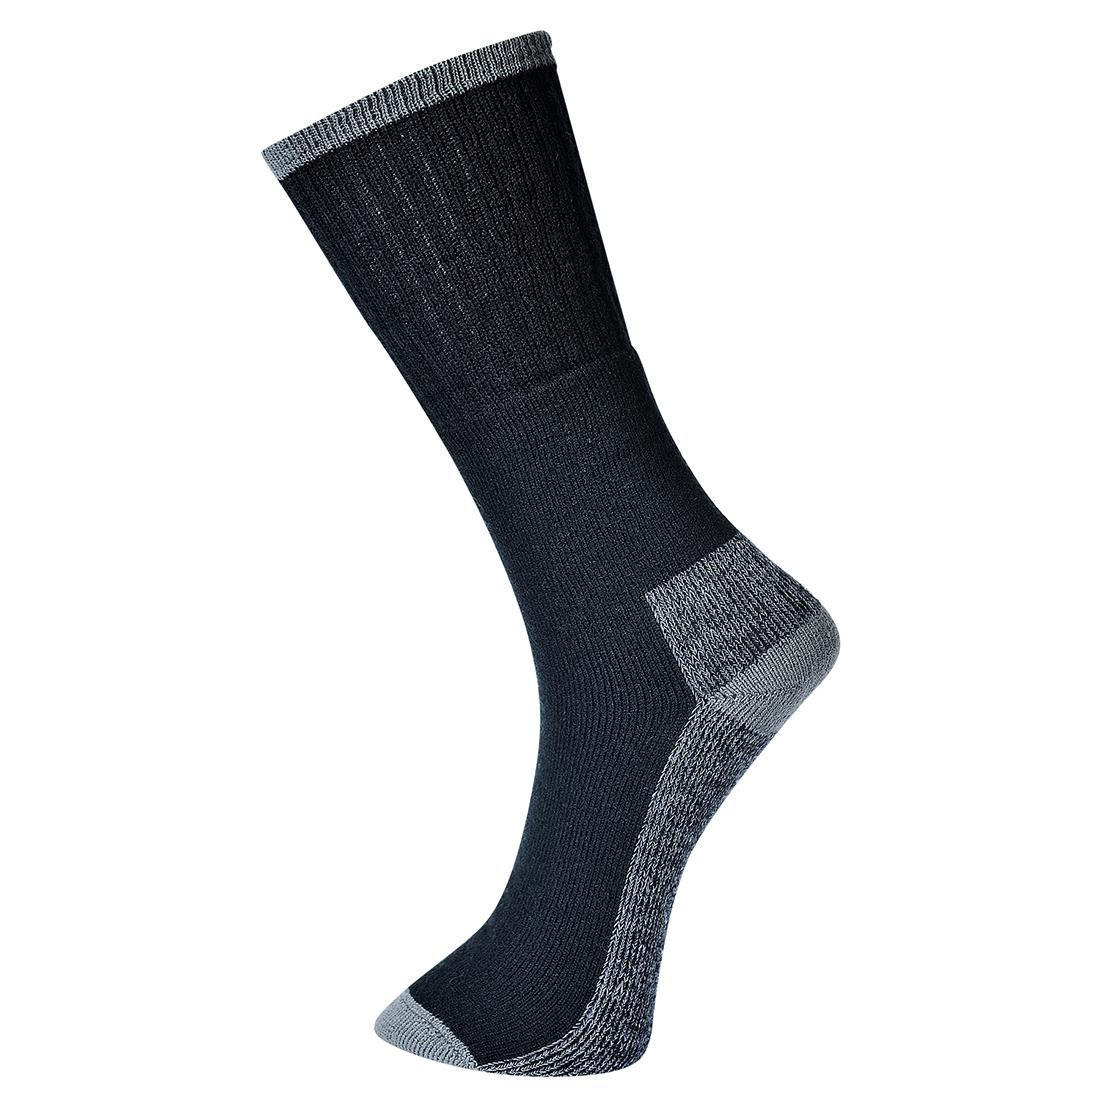 Work Sock - Triple Pack Black 39-43R